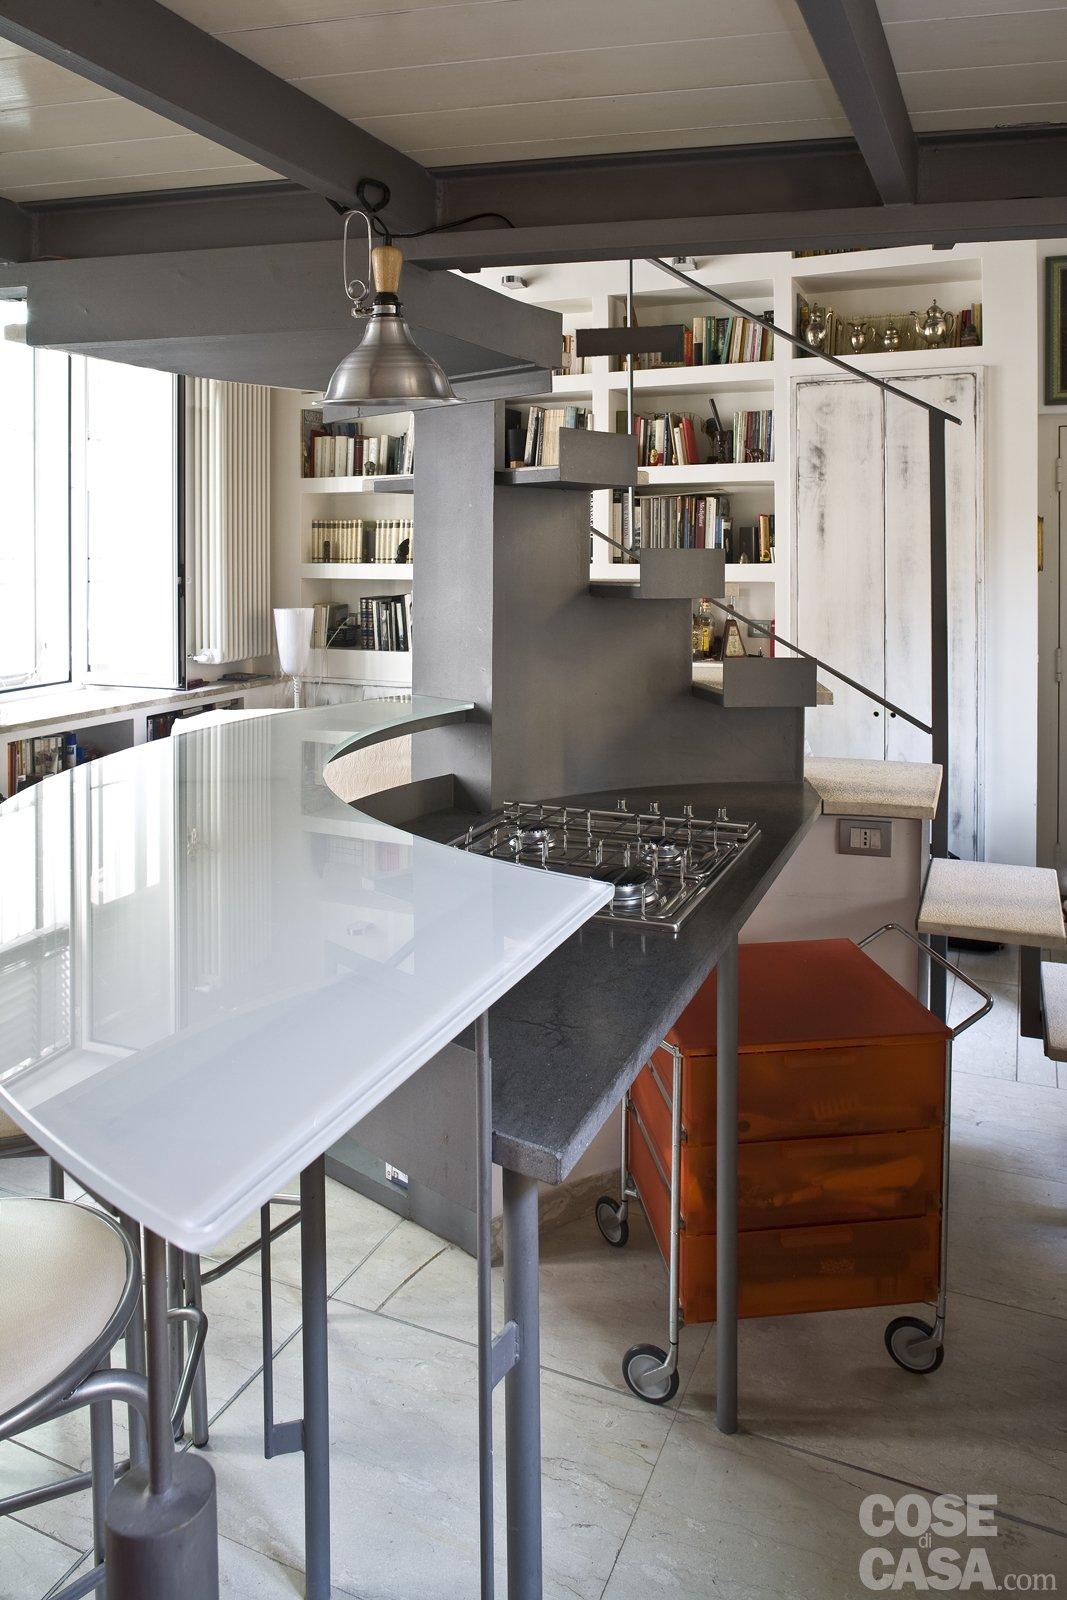 Casa piccola 43 mq soppalco per studio e cabina armadio - Cucina con soppalco ...